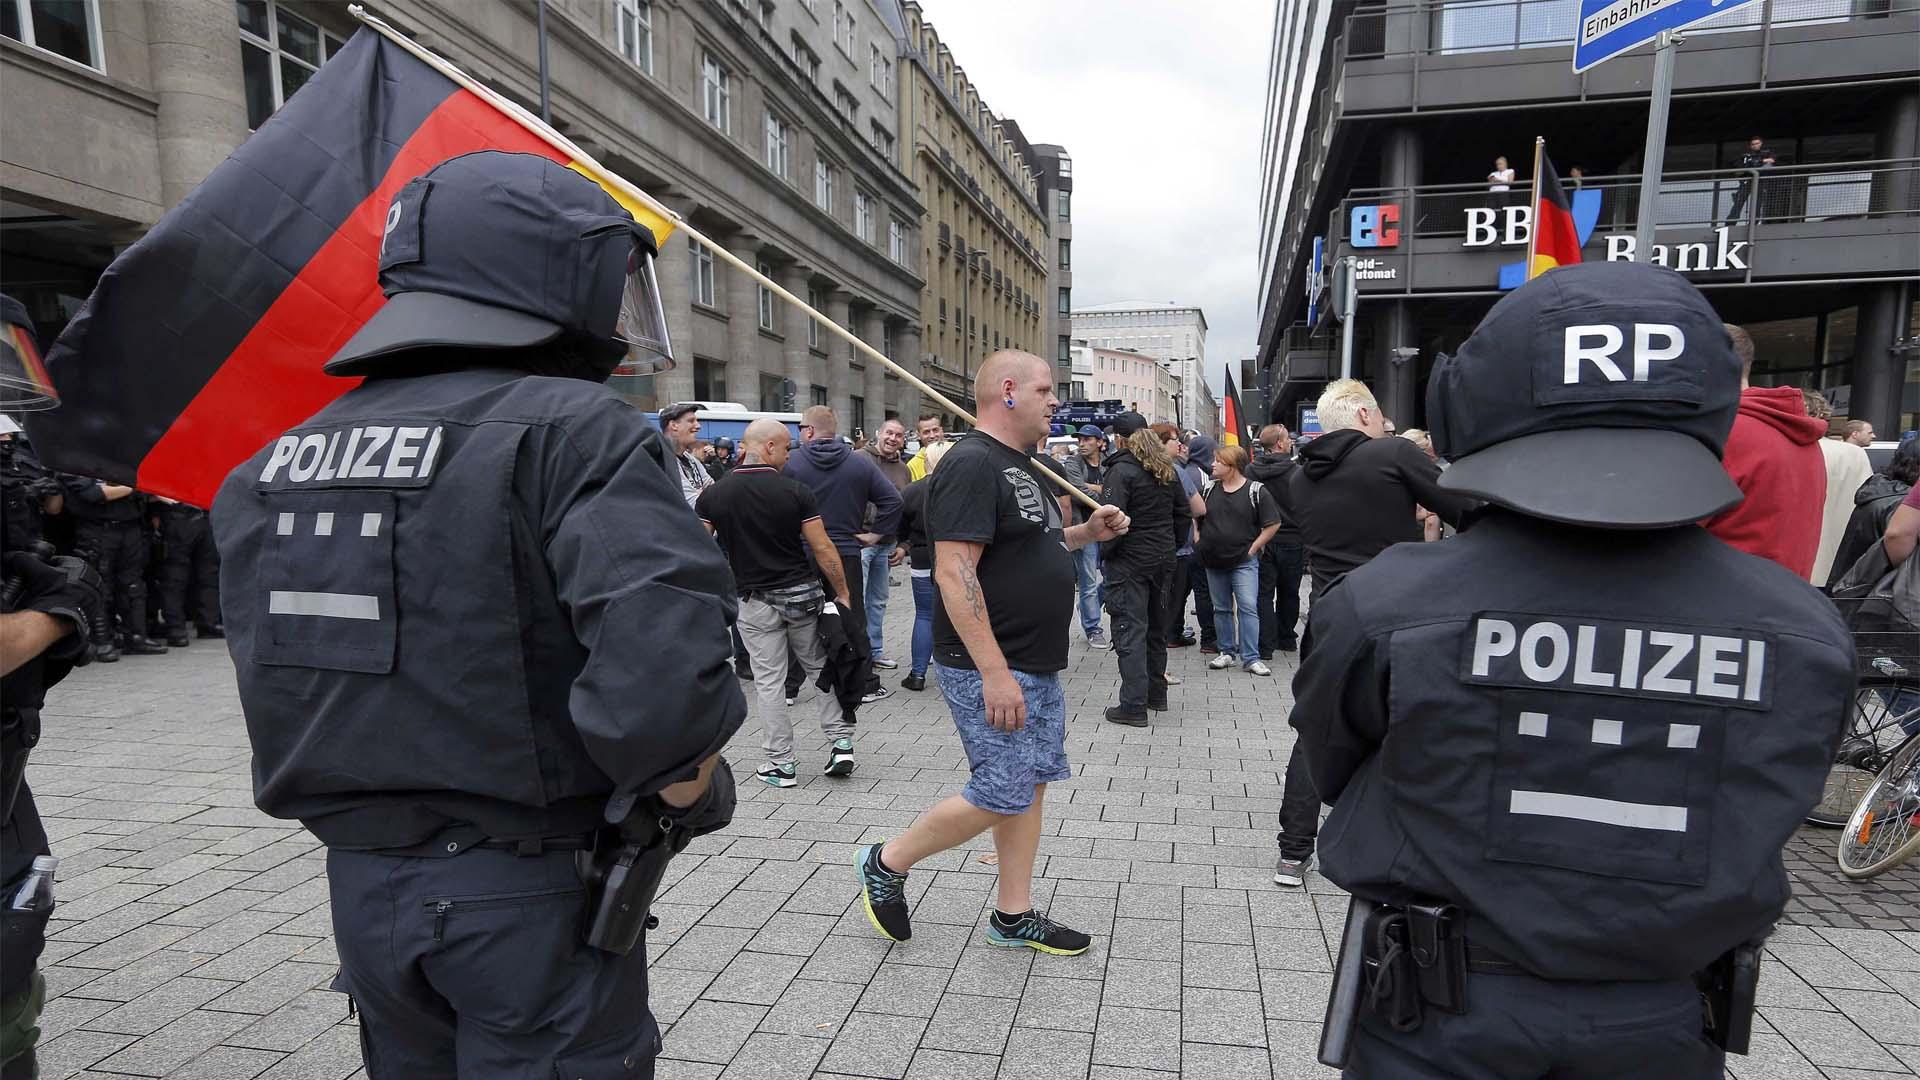 El Gobierno trabajará en el plan de seguridad que tienen desde 1995 en vista de los recientes ataque terroristas